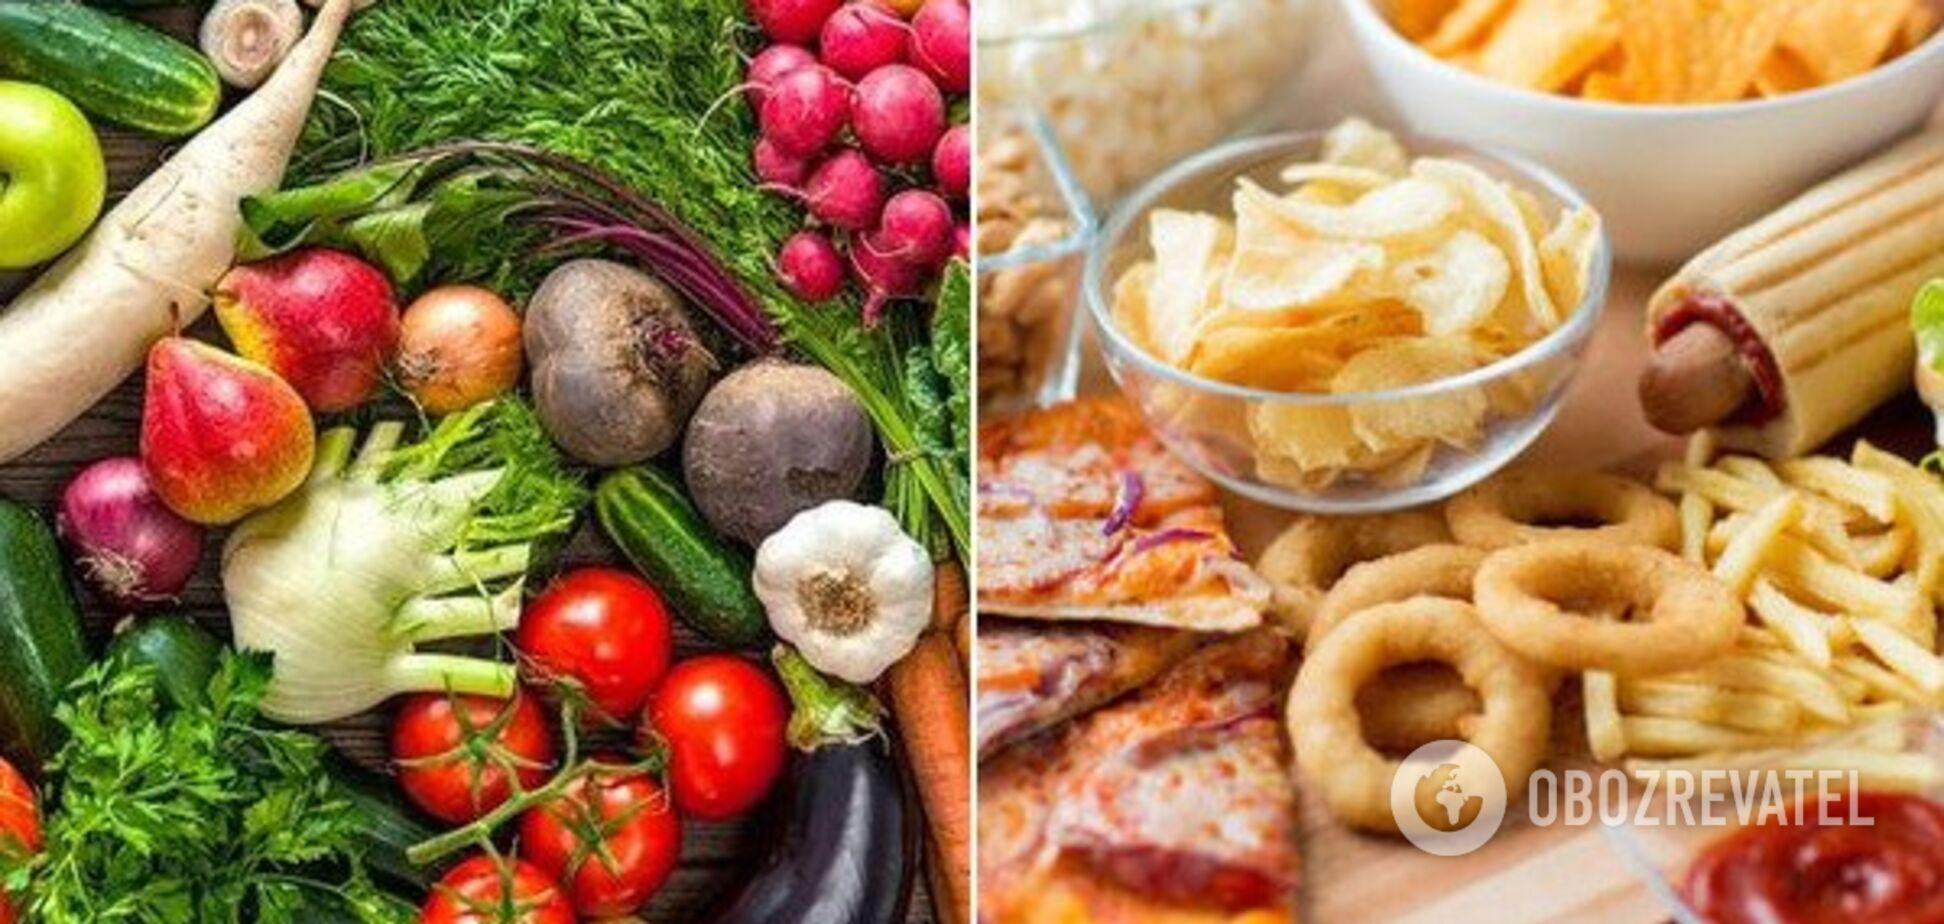 Дієтолог розкрила секрет інтуїтивного харчування